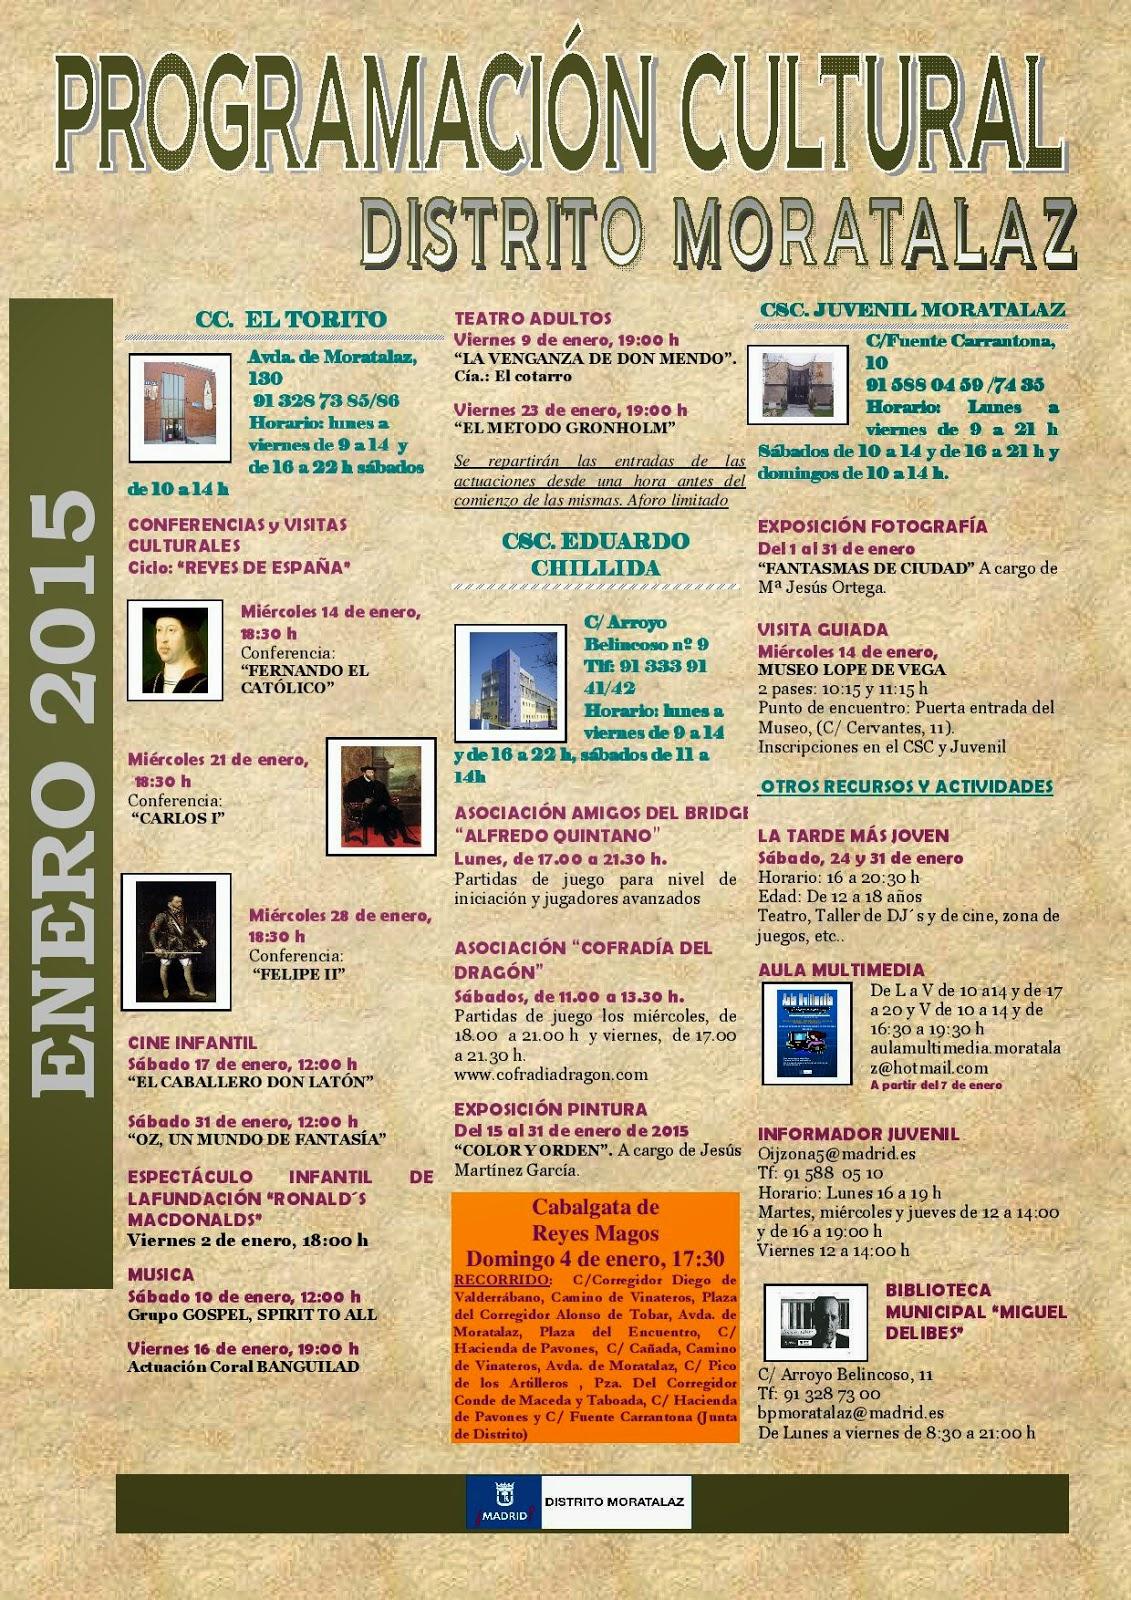 Programación cultural del Distrito de Moratalaz. Enero de 2015